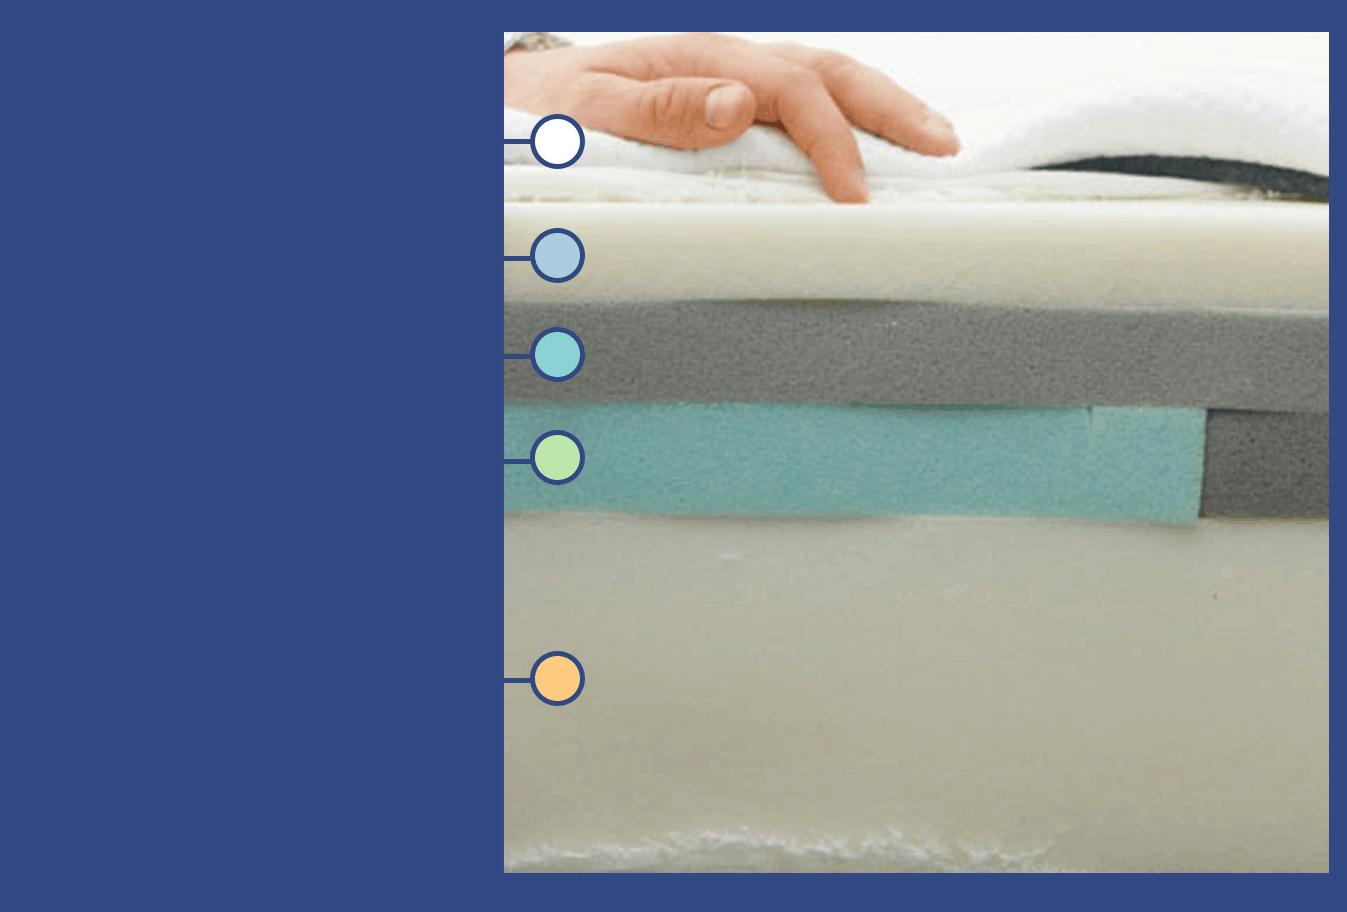 Casper mattress construction